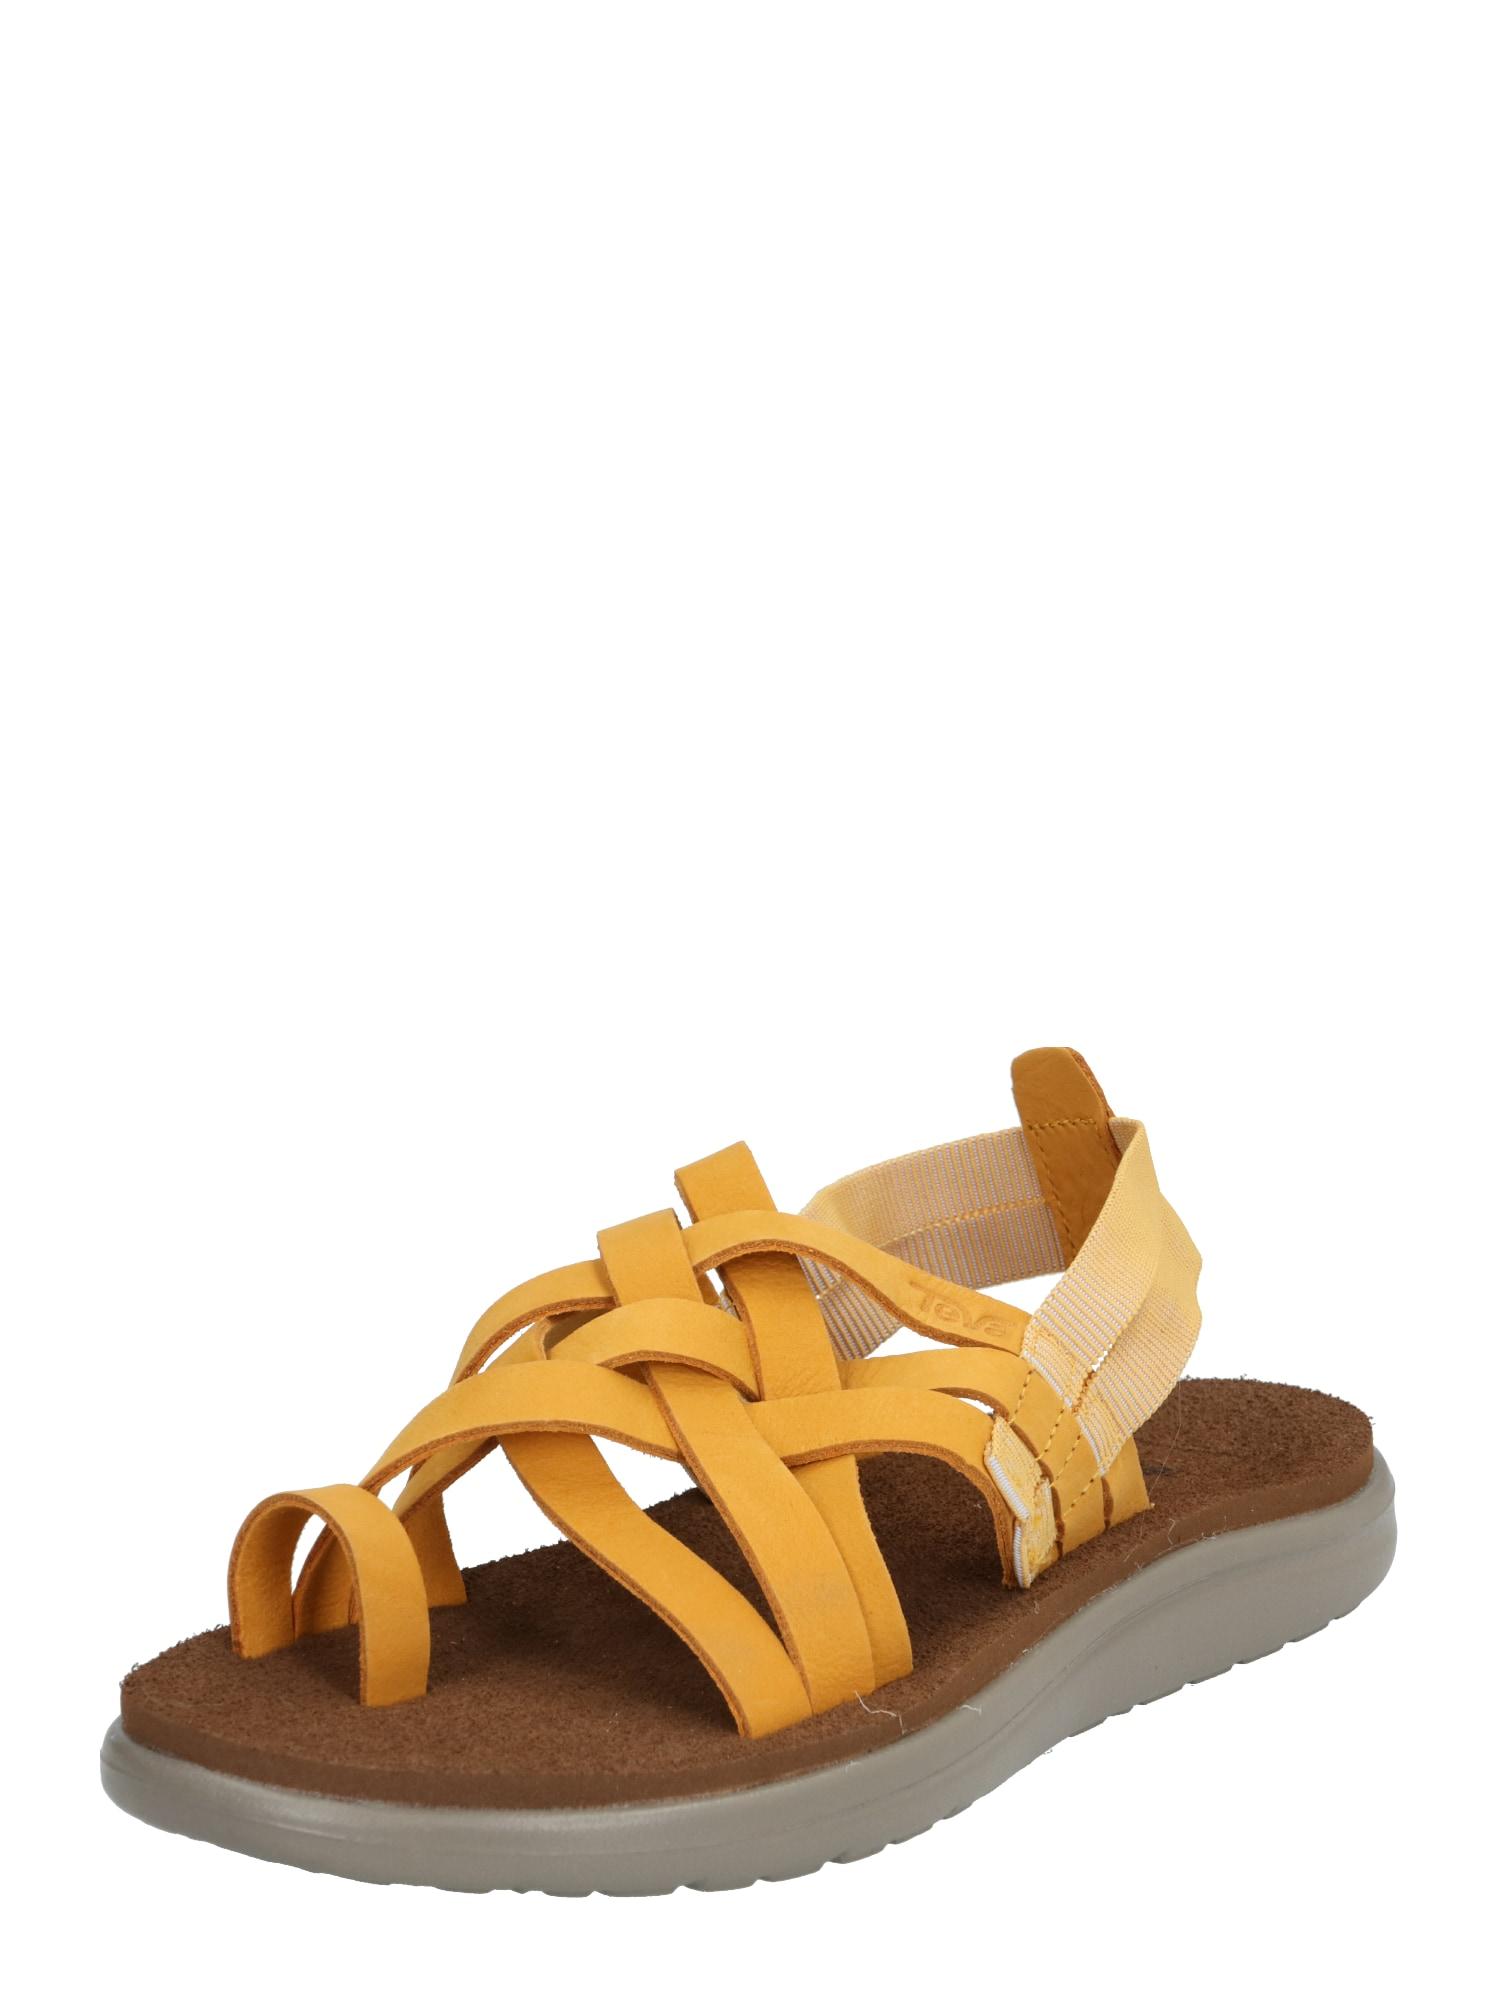 TEVA Sandalai geltona